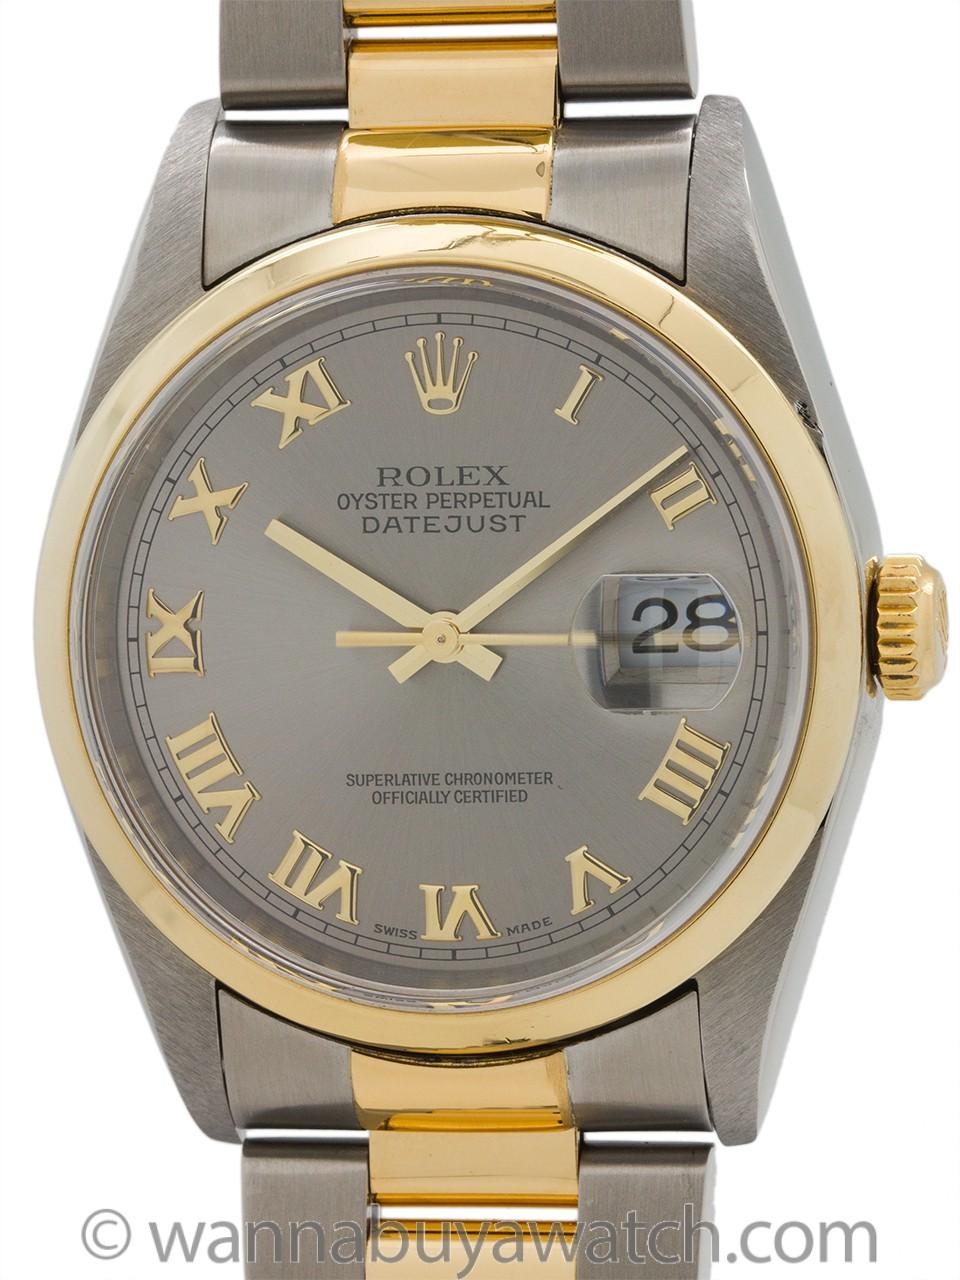 Rolex Stainless Steel & 18K Datejust ref 16203 circa 1998